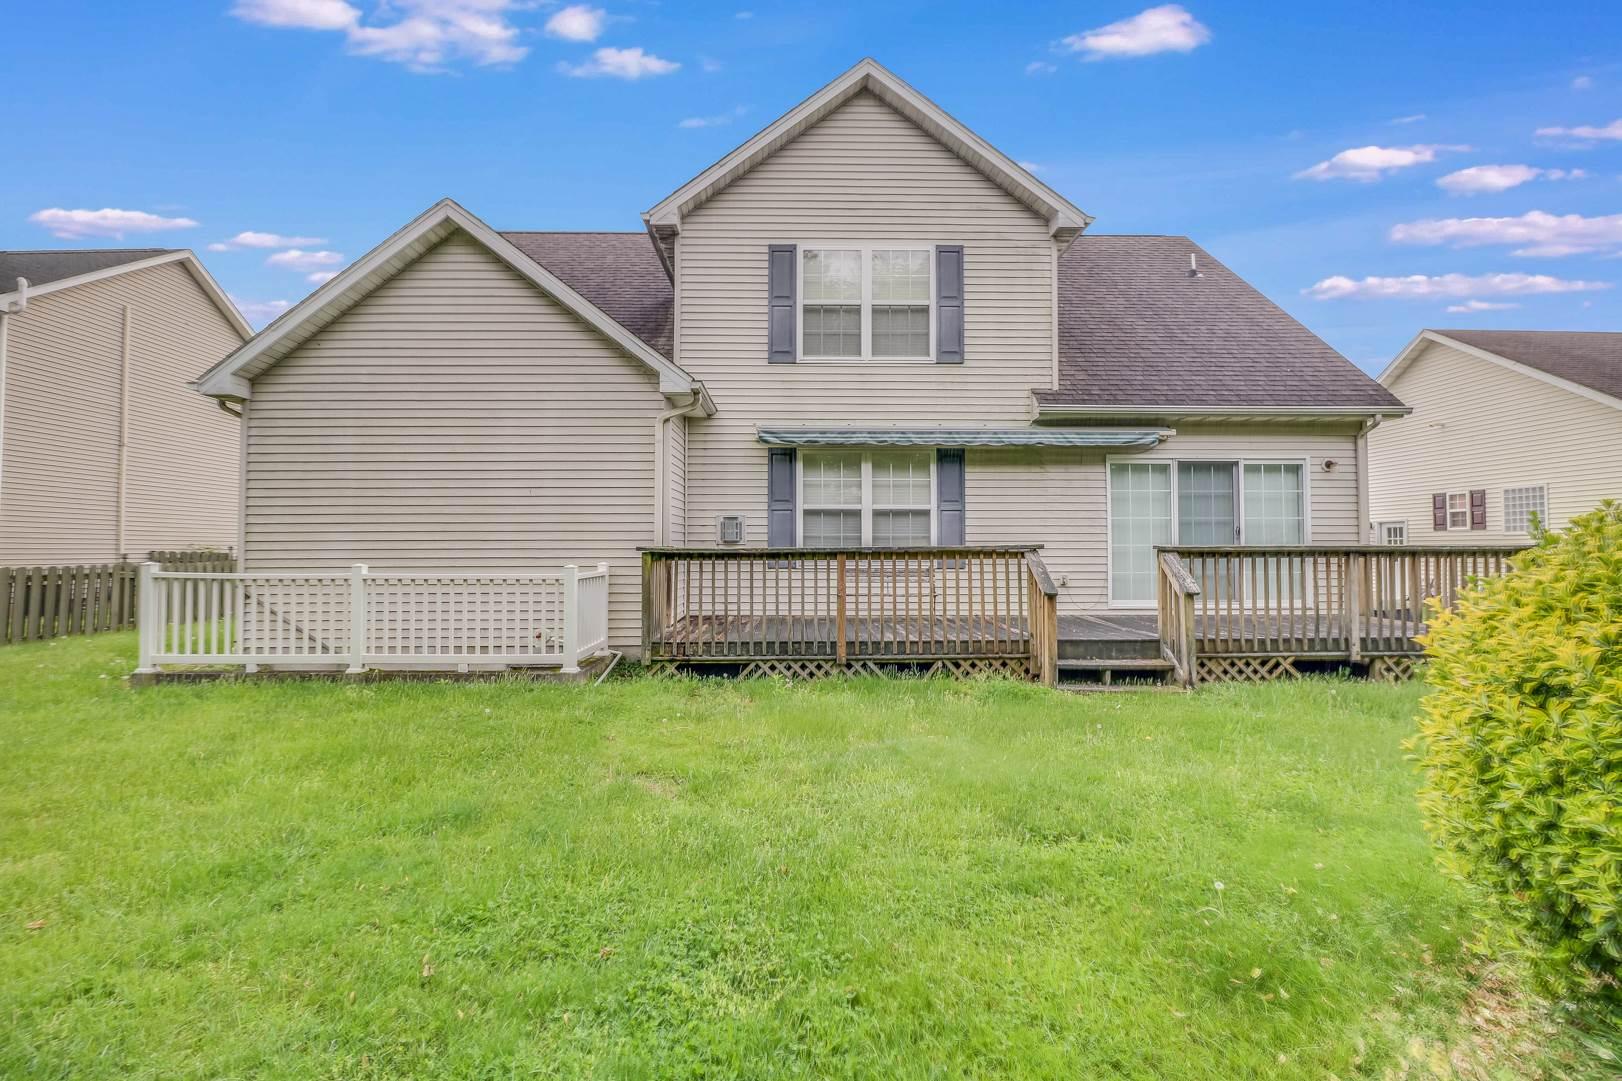 592 Quaker Hill Rd, Magnolia, DE 19962